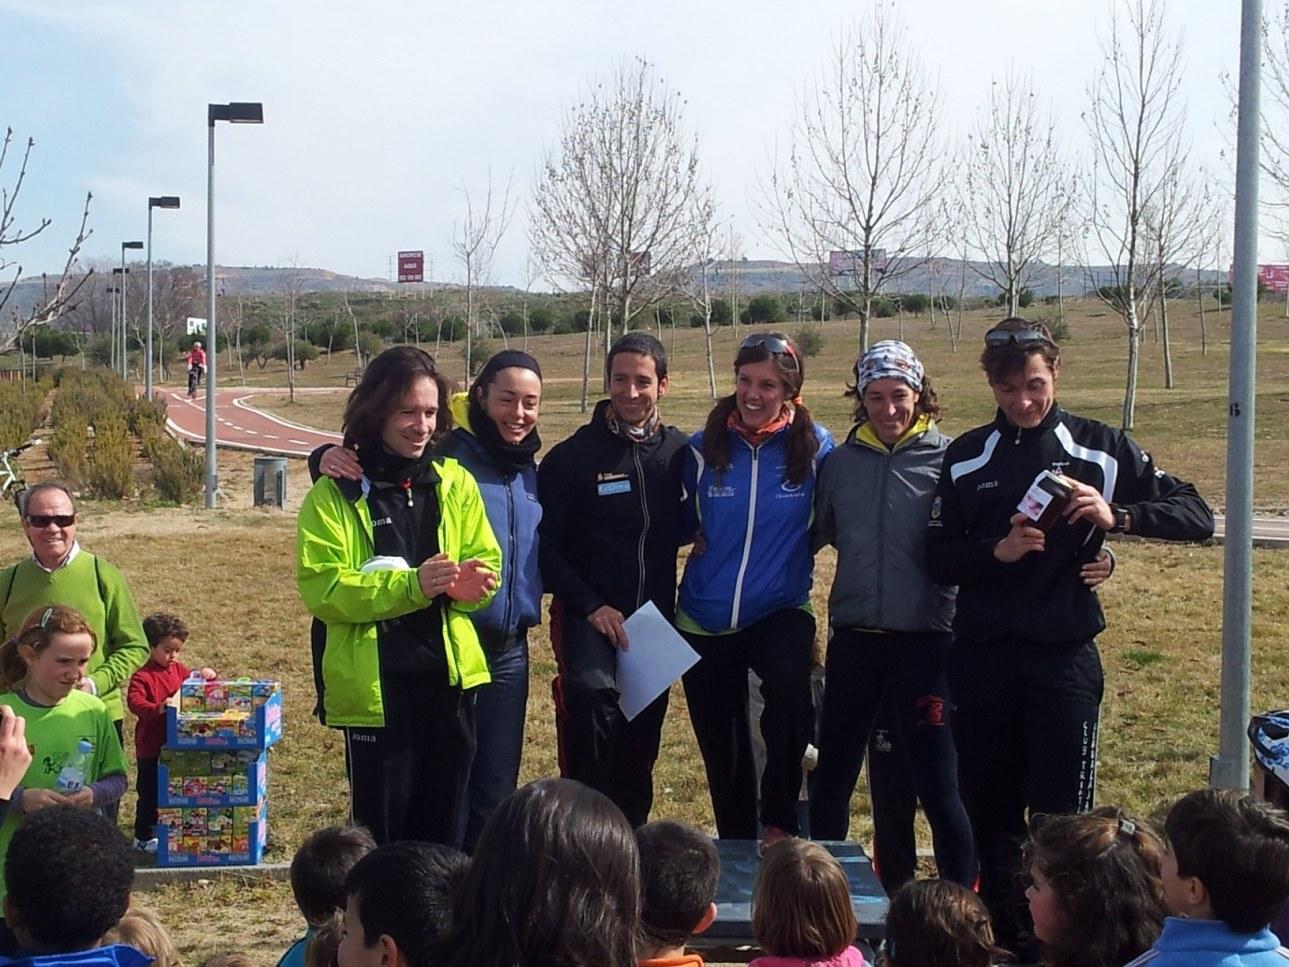 podio3-dia-del-club2013-carrera-de-la-foto-20130302_133036